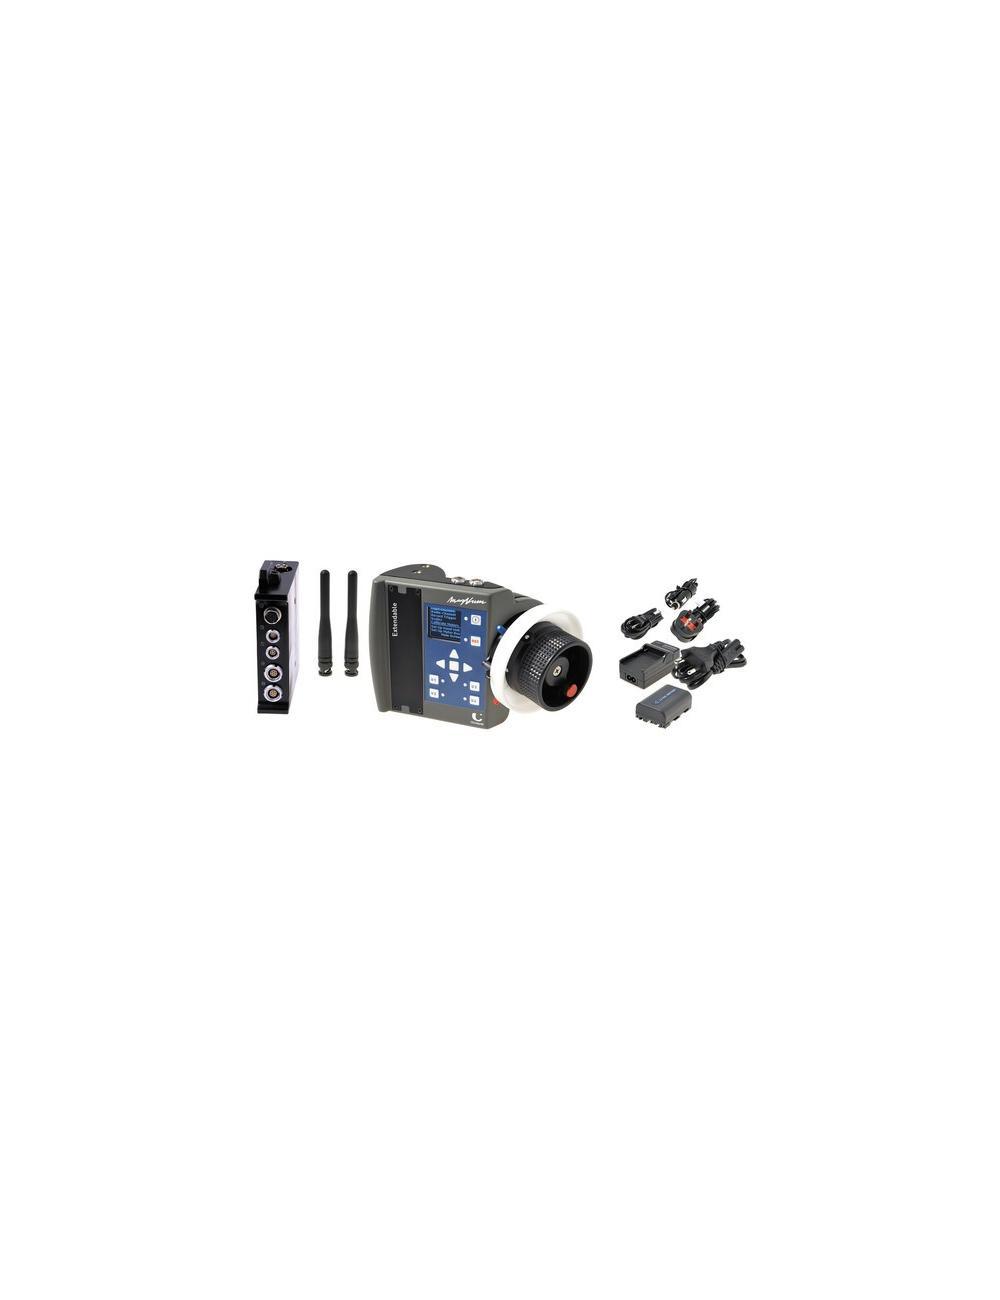 Chrosziel - Control inalámbrico de foco o iris y cámara ampliable MagNum MN-150